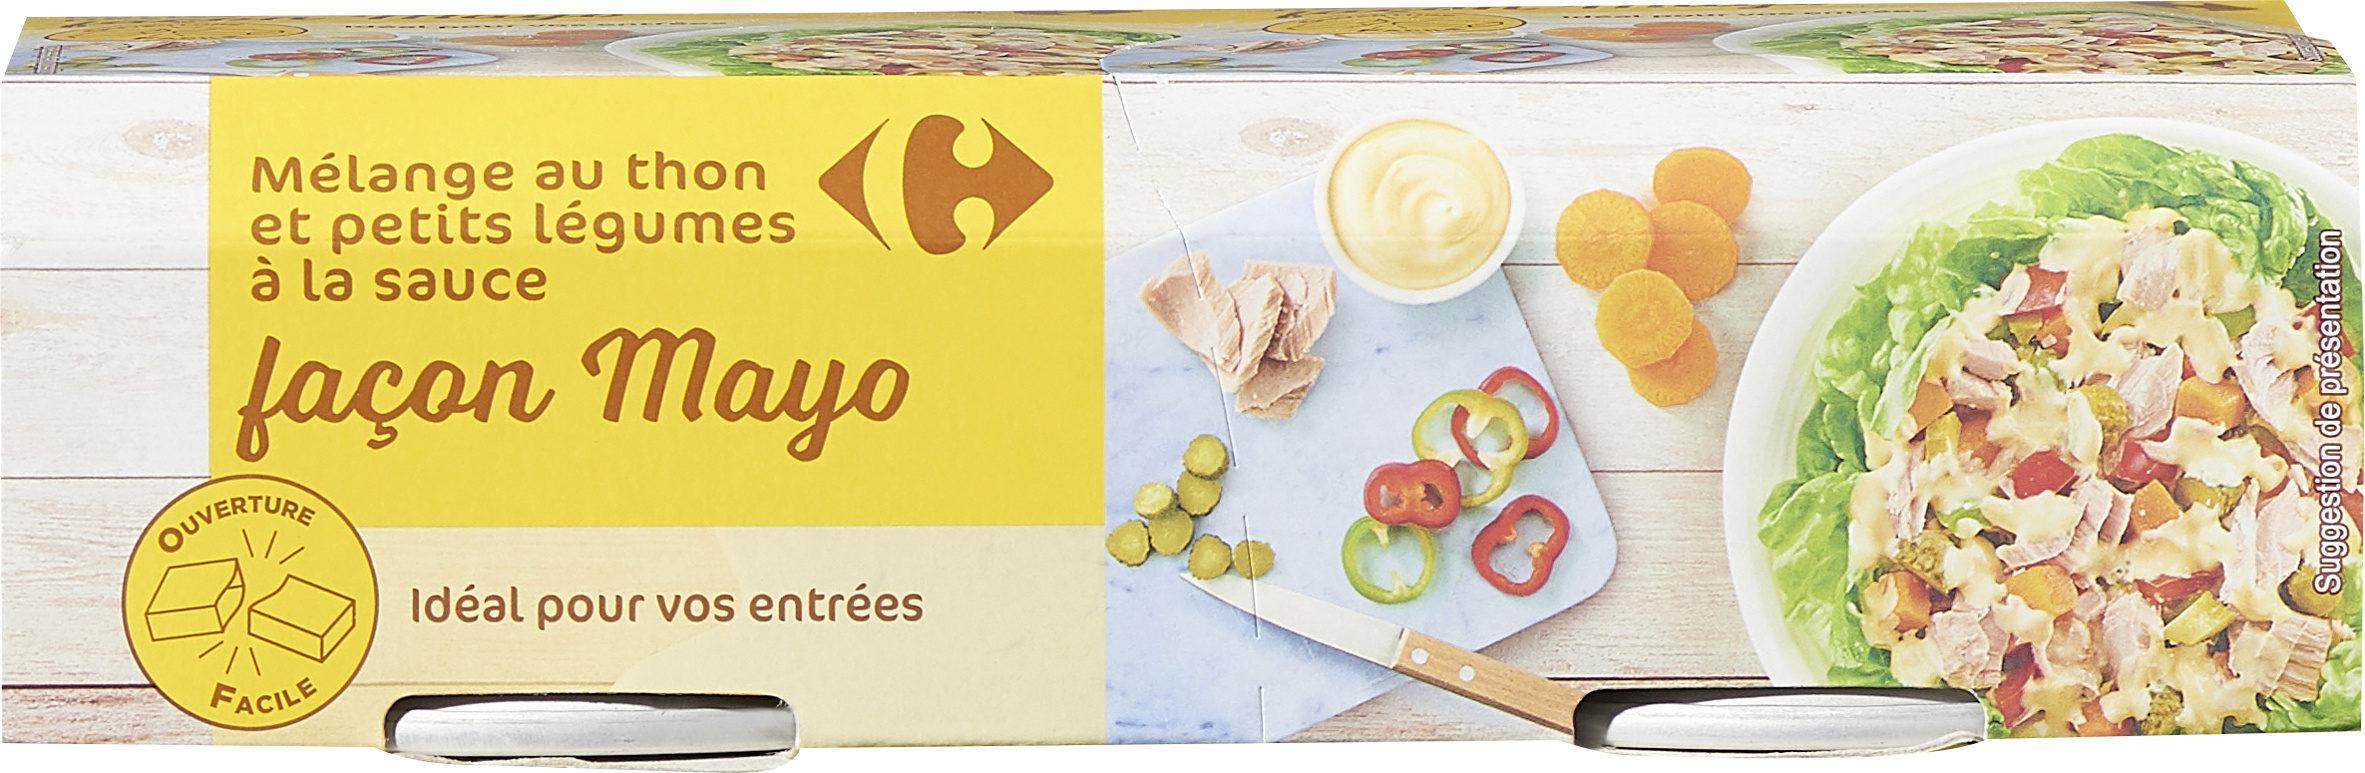 Mélange au thon et petits légumes  à la sauce façon Mayo - Produit - fr